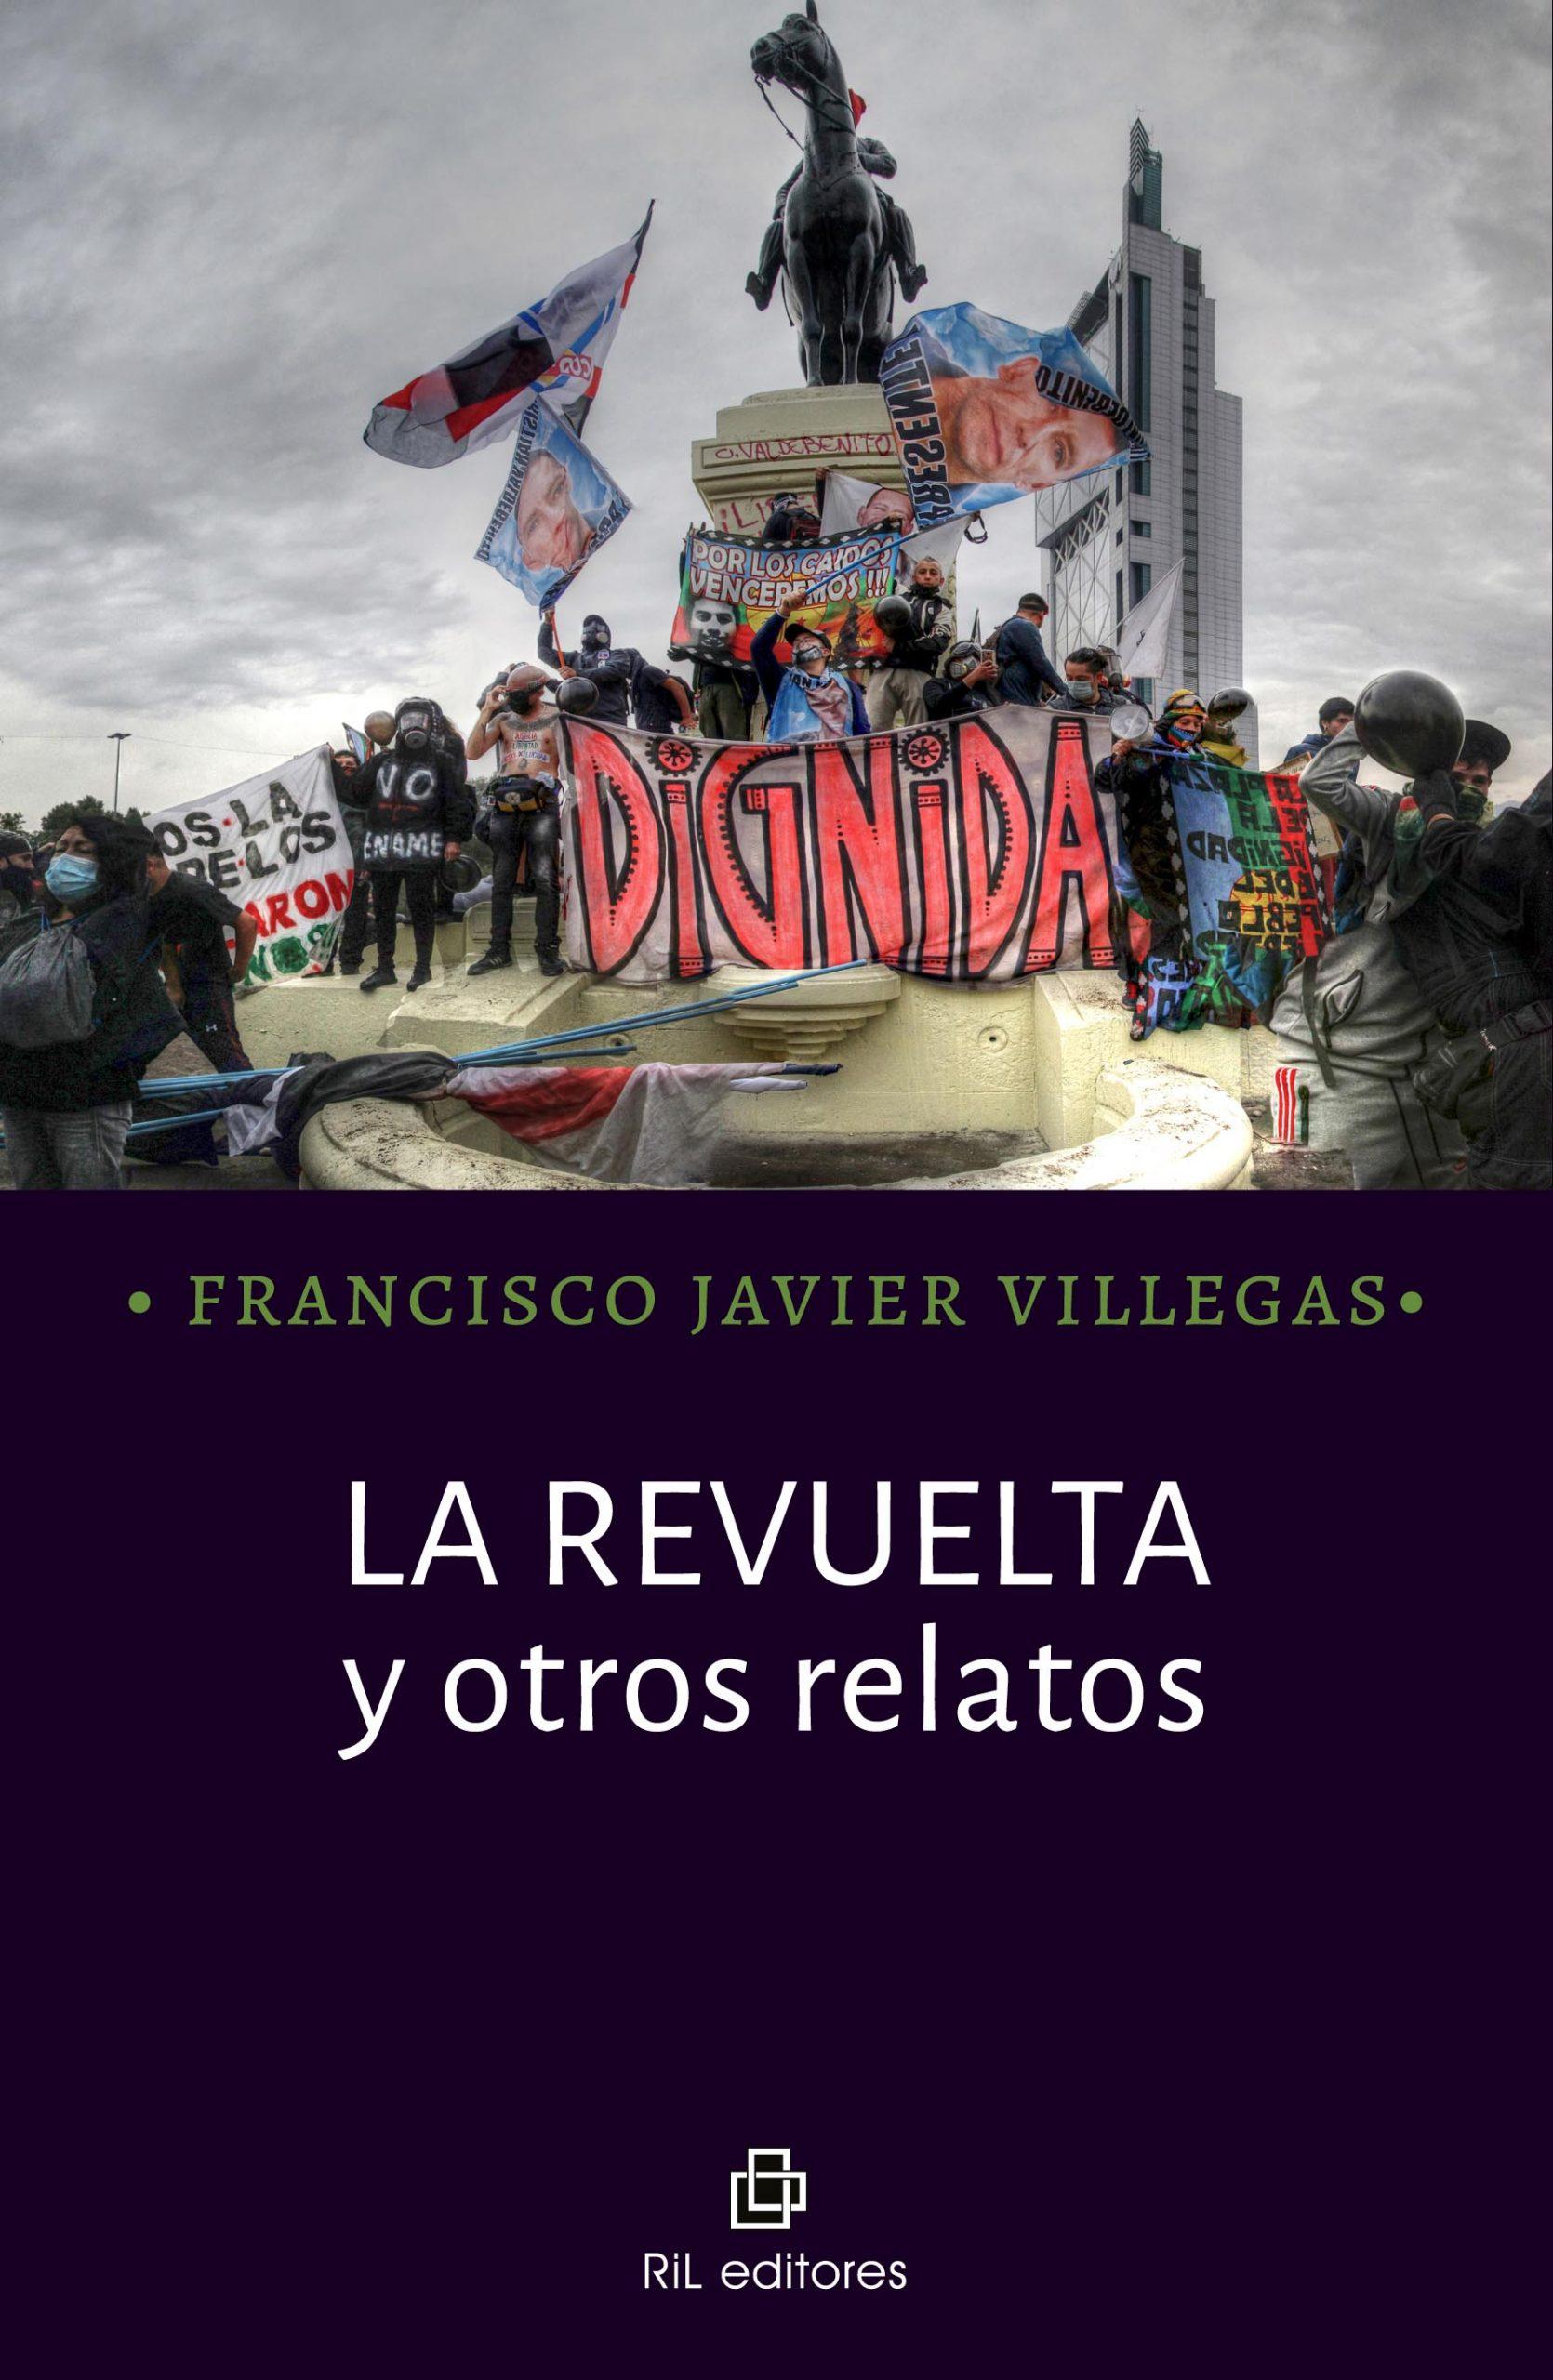 La revuelta y otros relatos 1